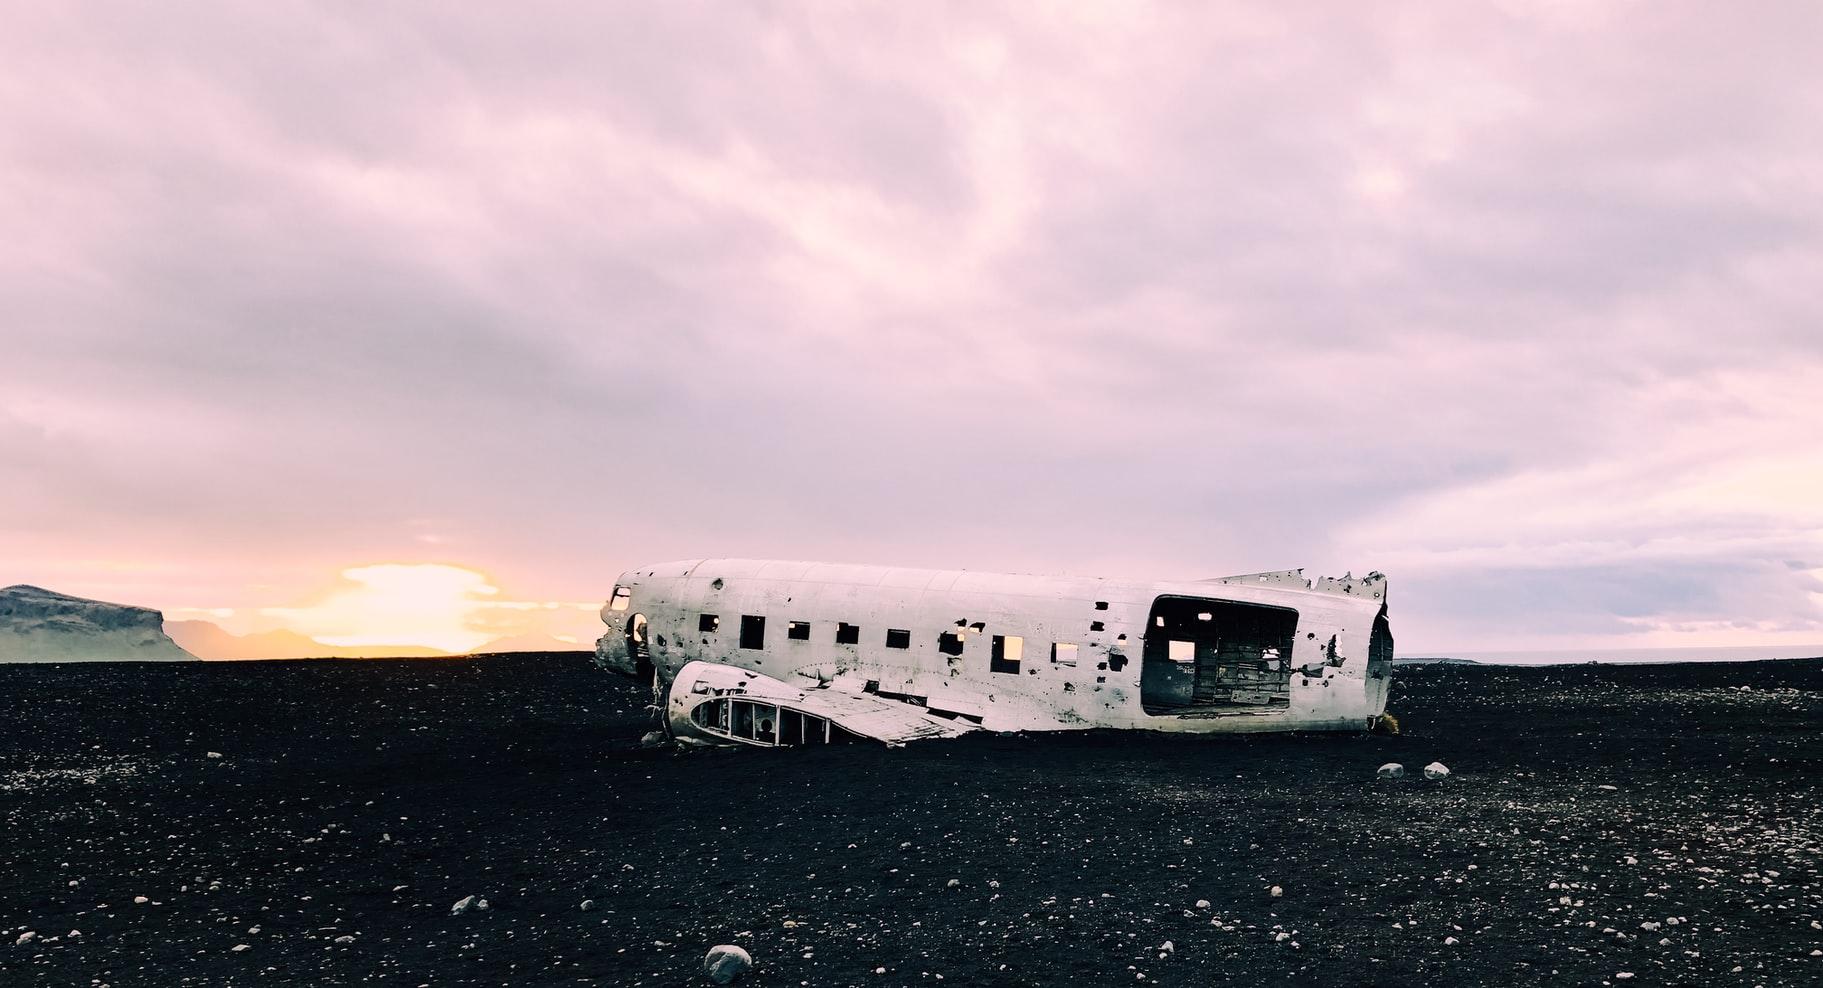 Solheimasandur plane wreck on Solheimasandur black sand beach in south Iceland